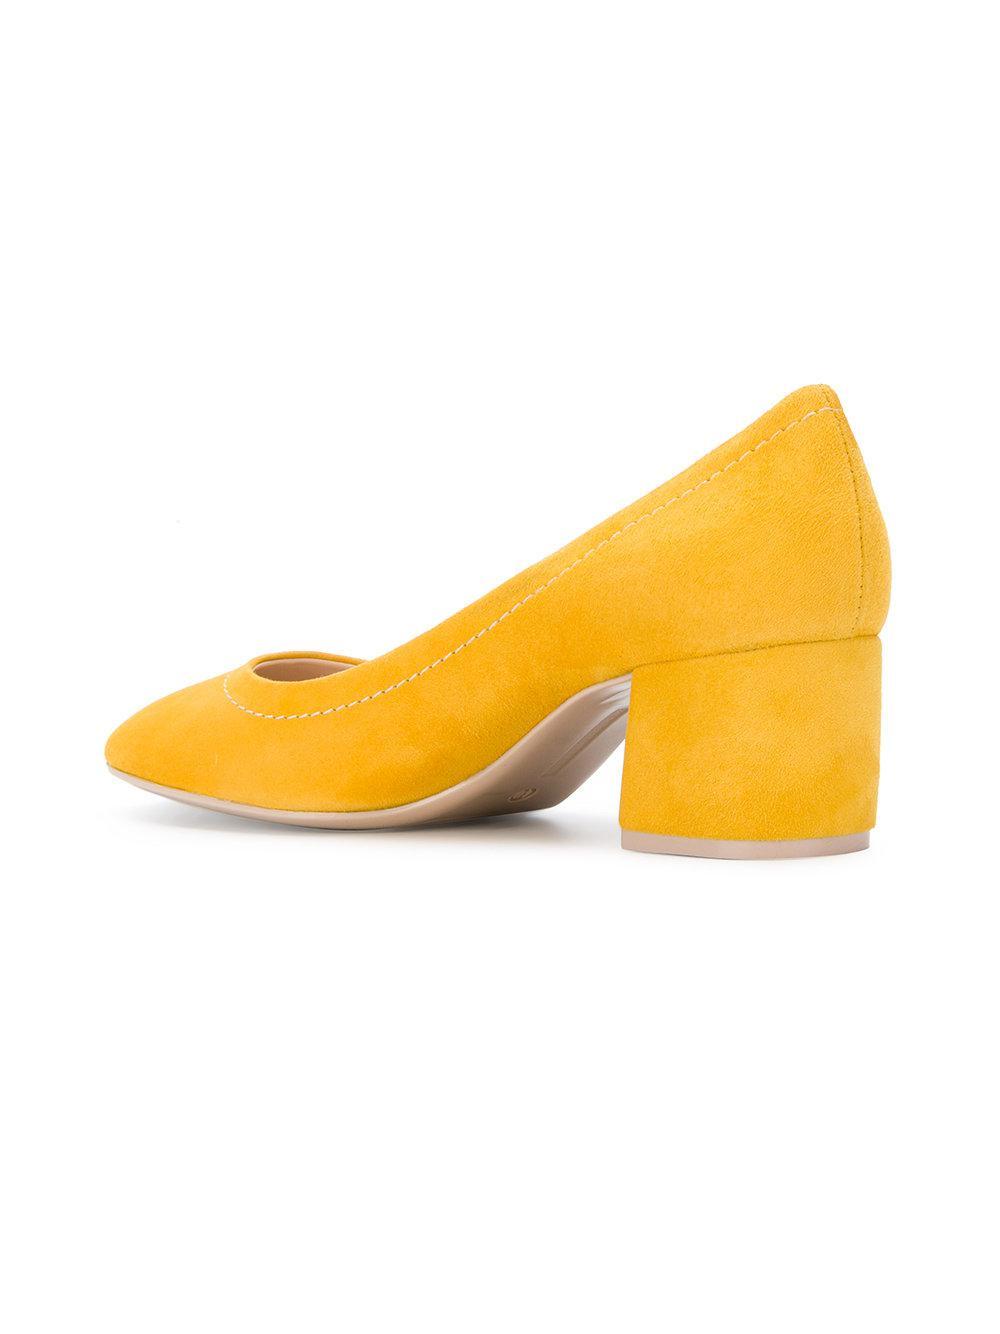 mid heel pumps - Yellow & Orange Roberto Festa Milano rhY8wy